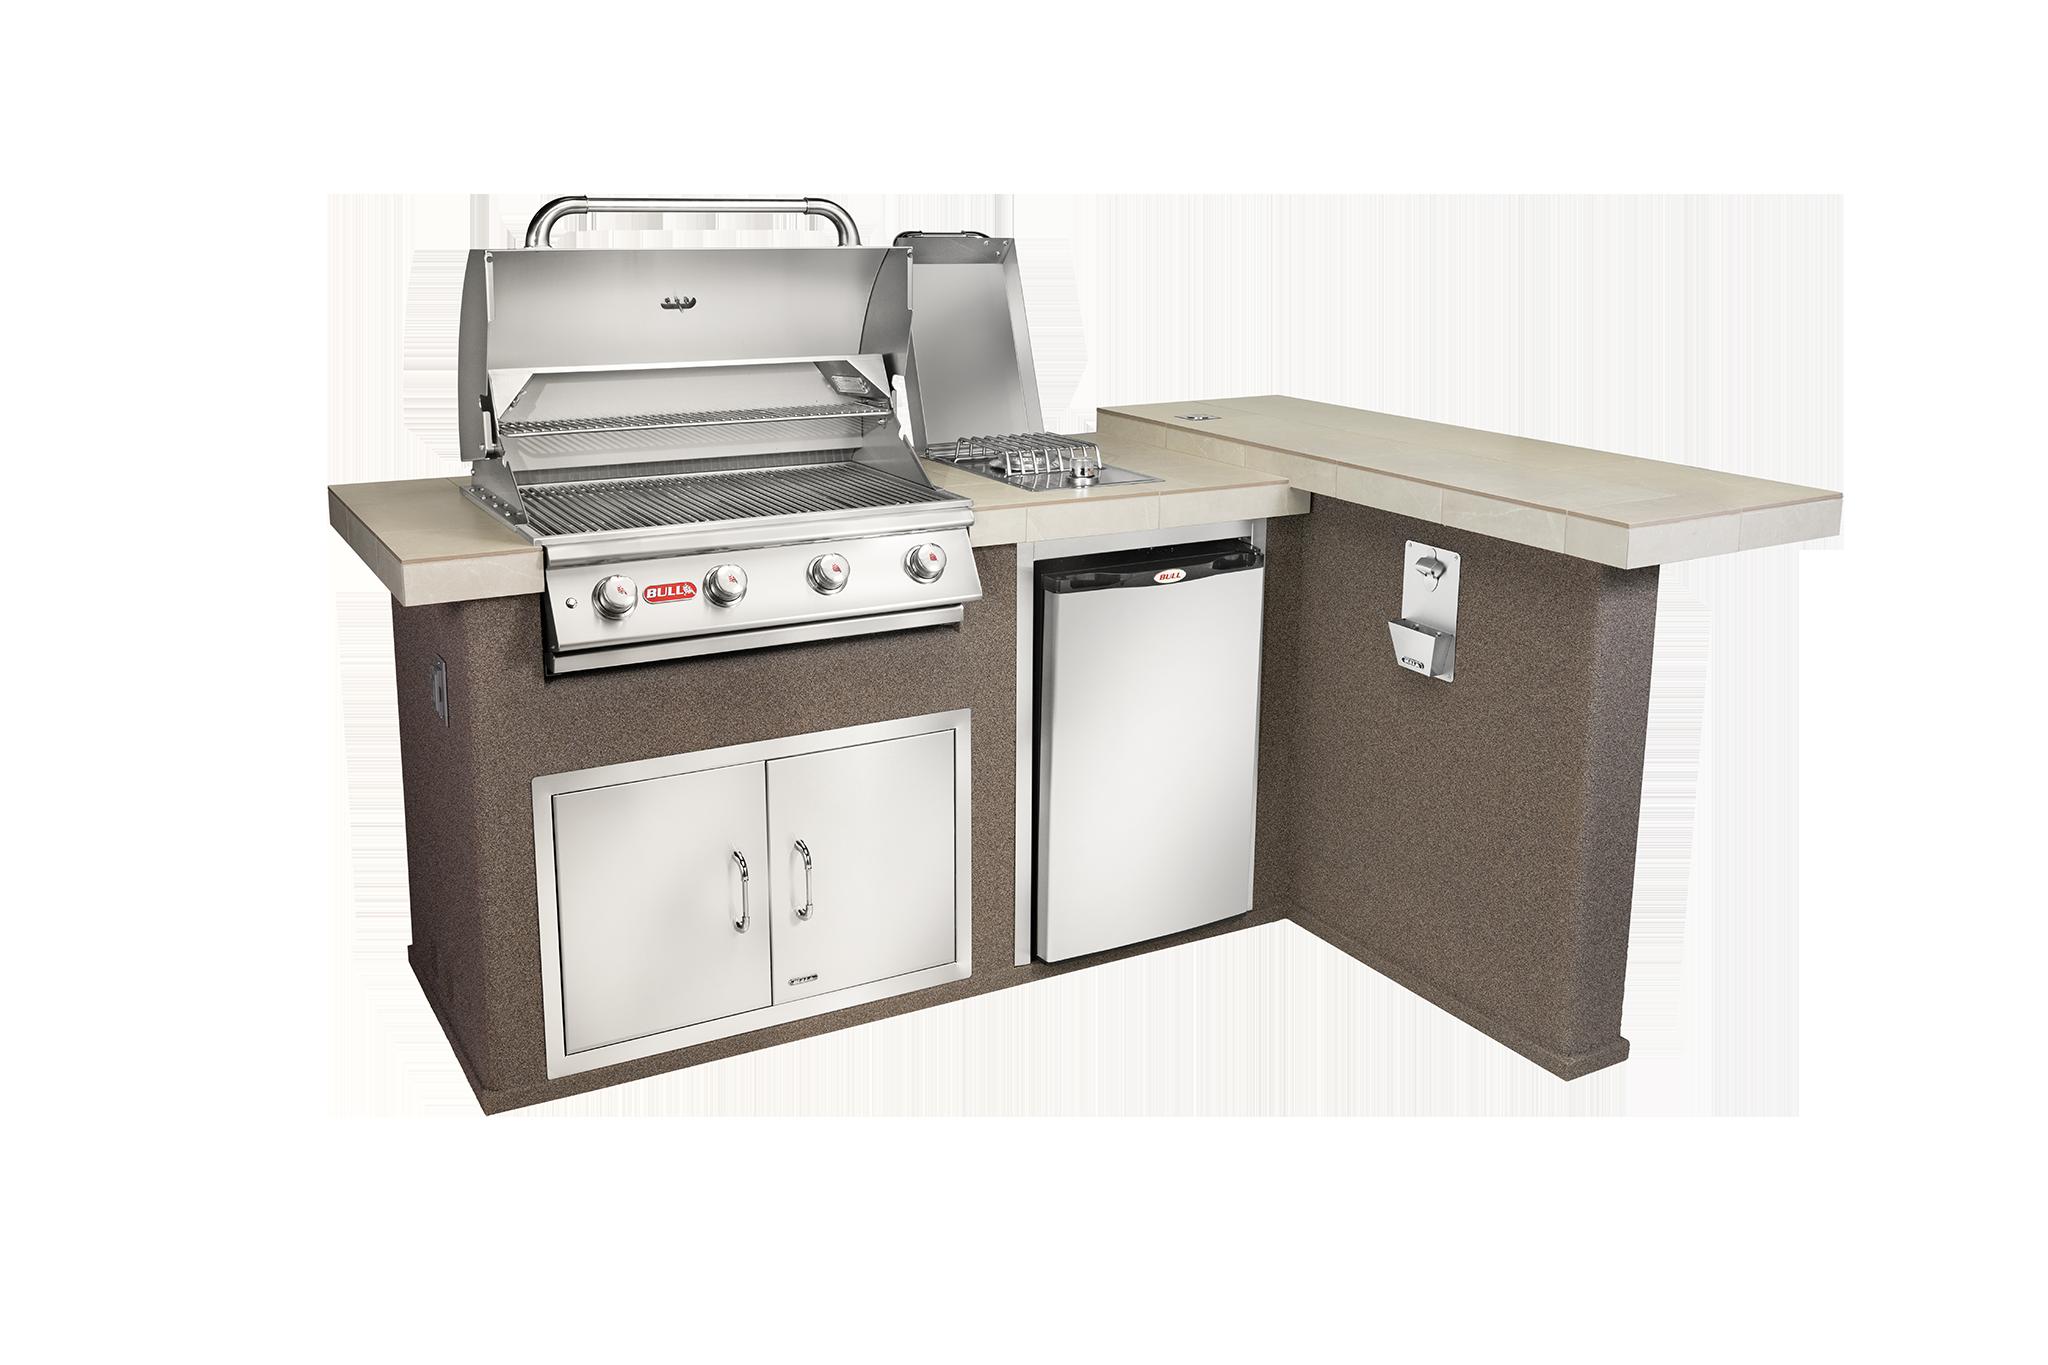 Luxury Q Outdoor Island Kitchen